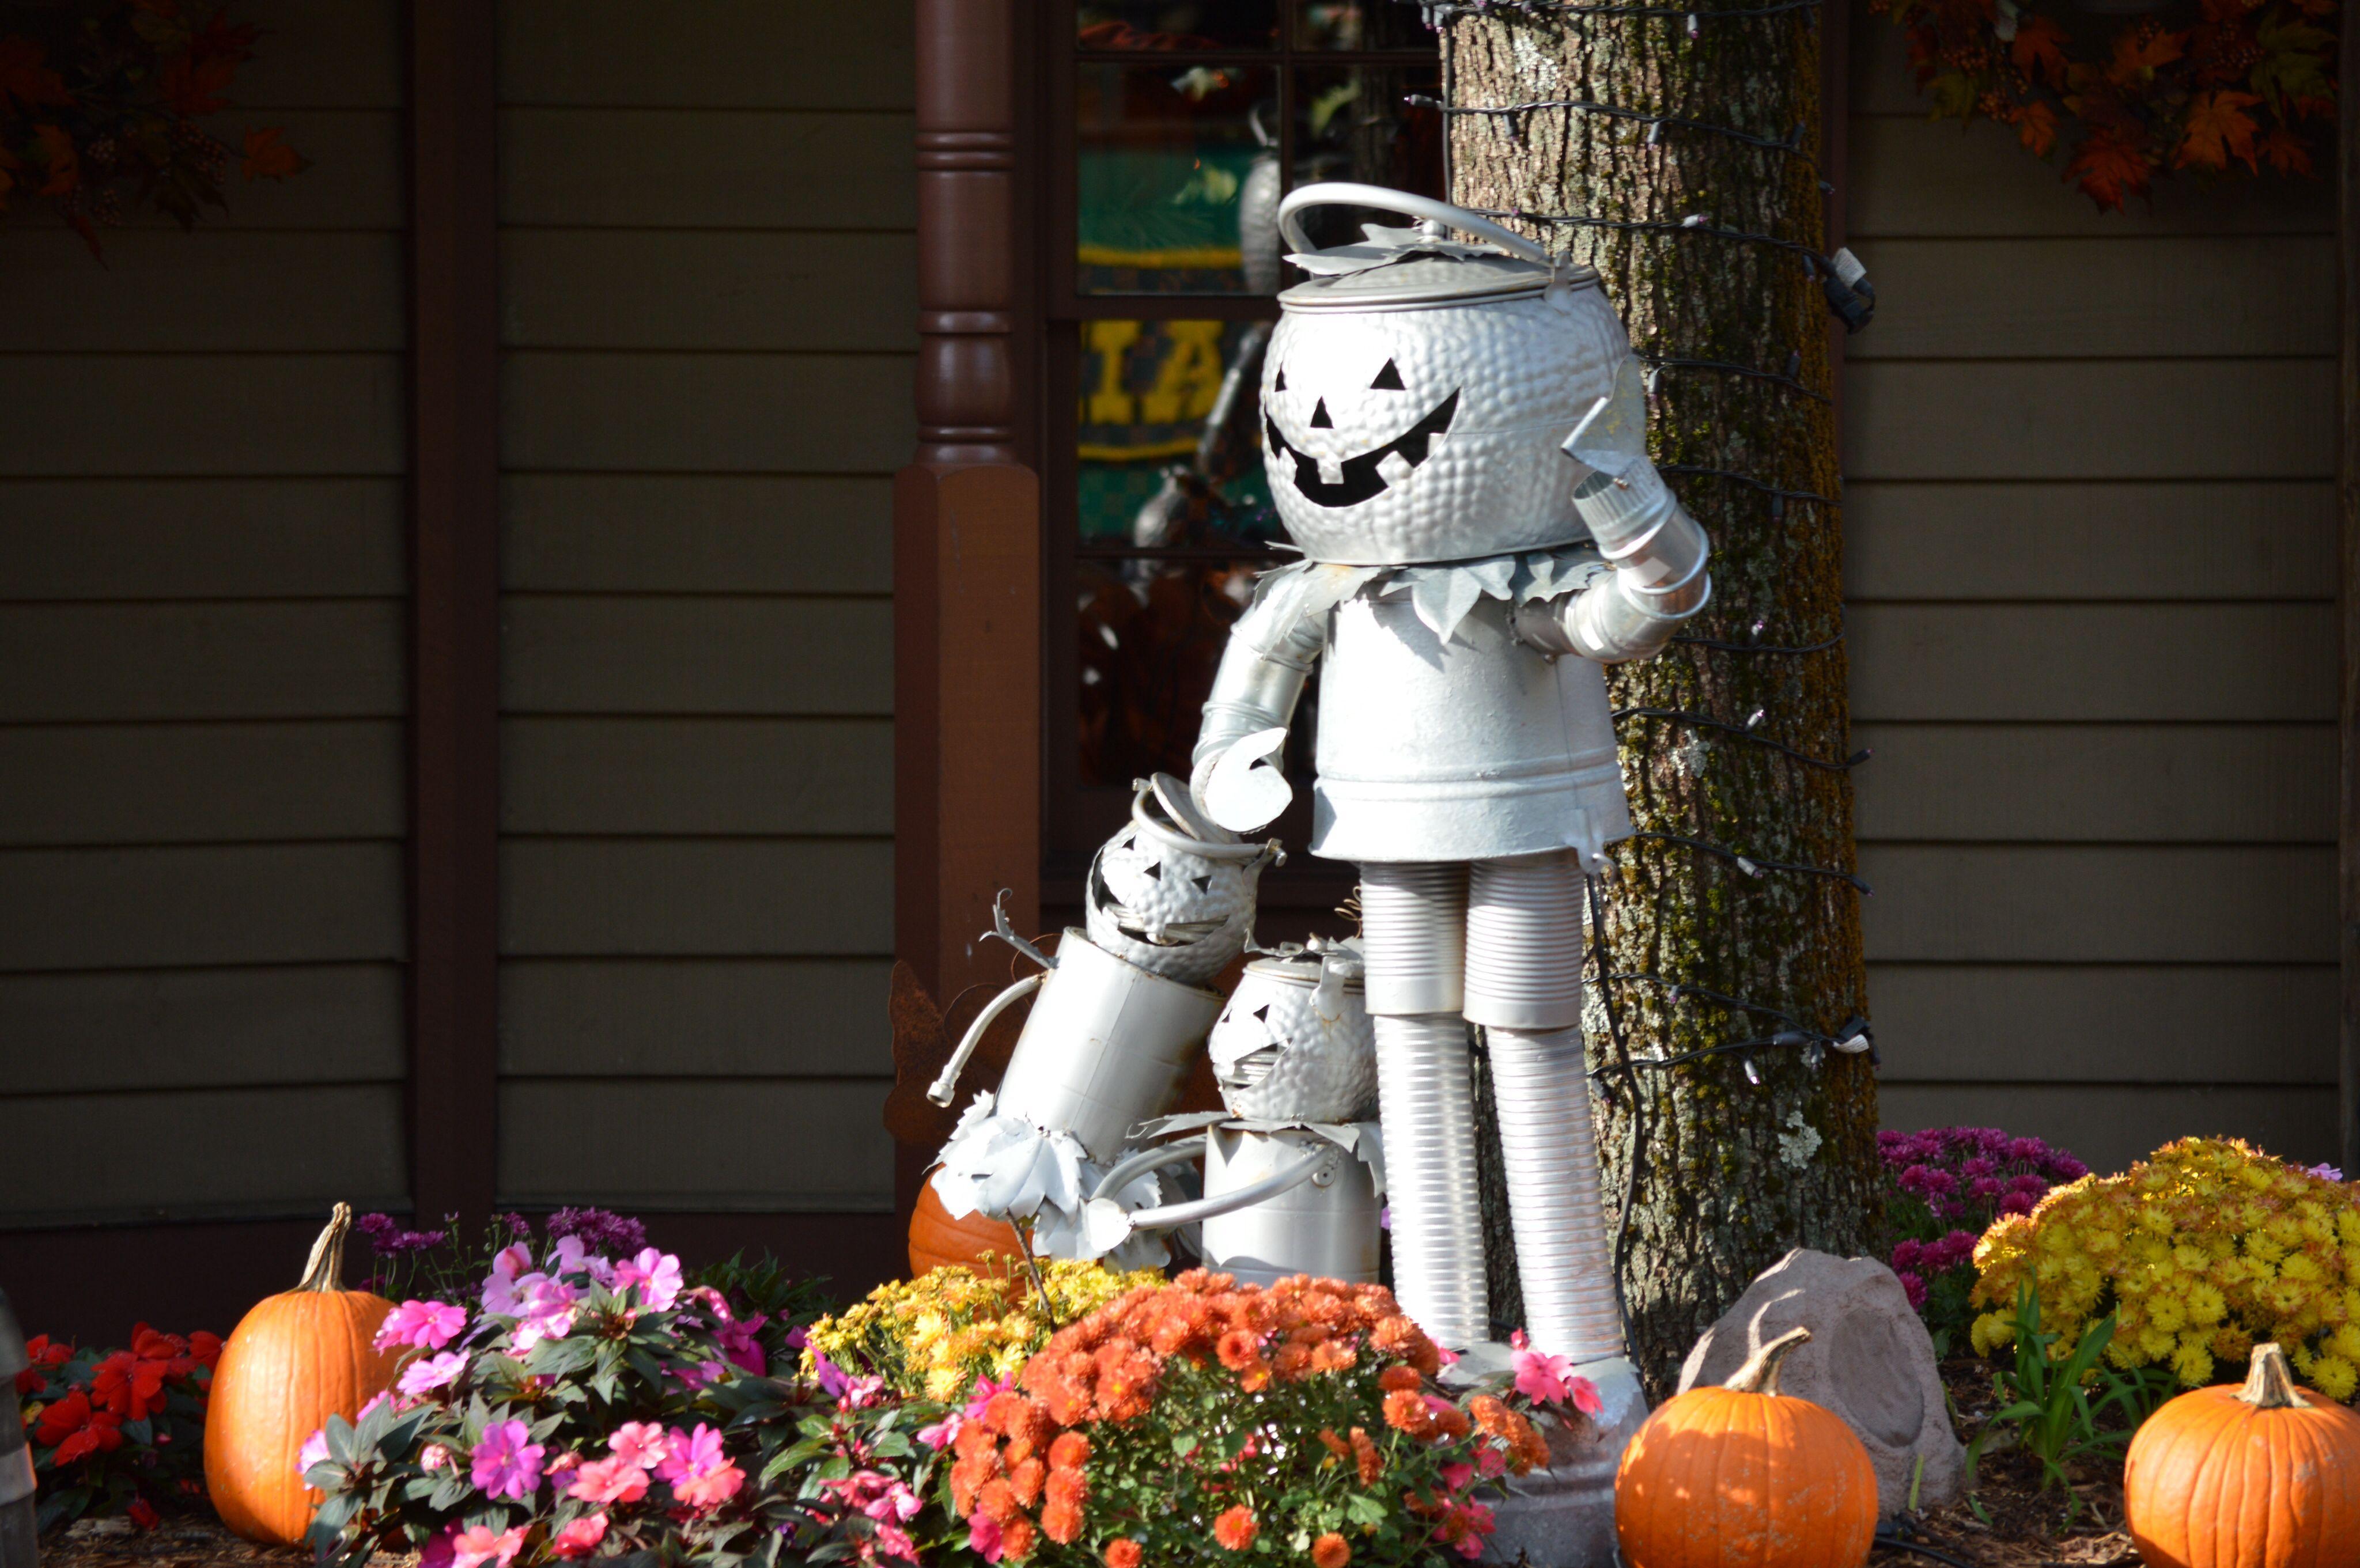 Pumpkin man decoration | Tweetsie Railroad | Pinterest ...